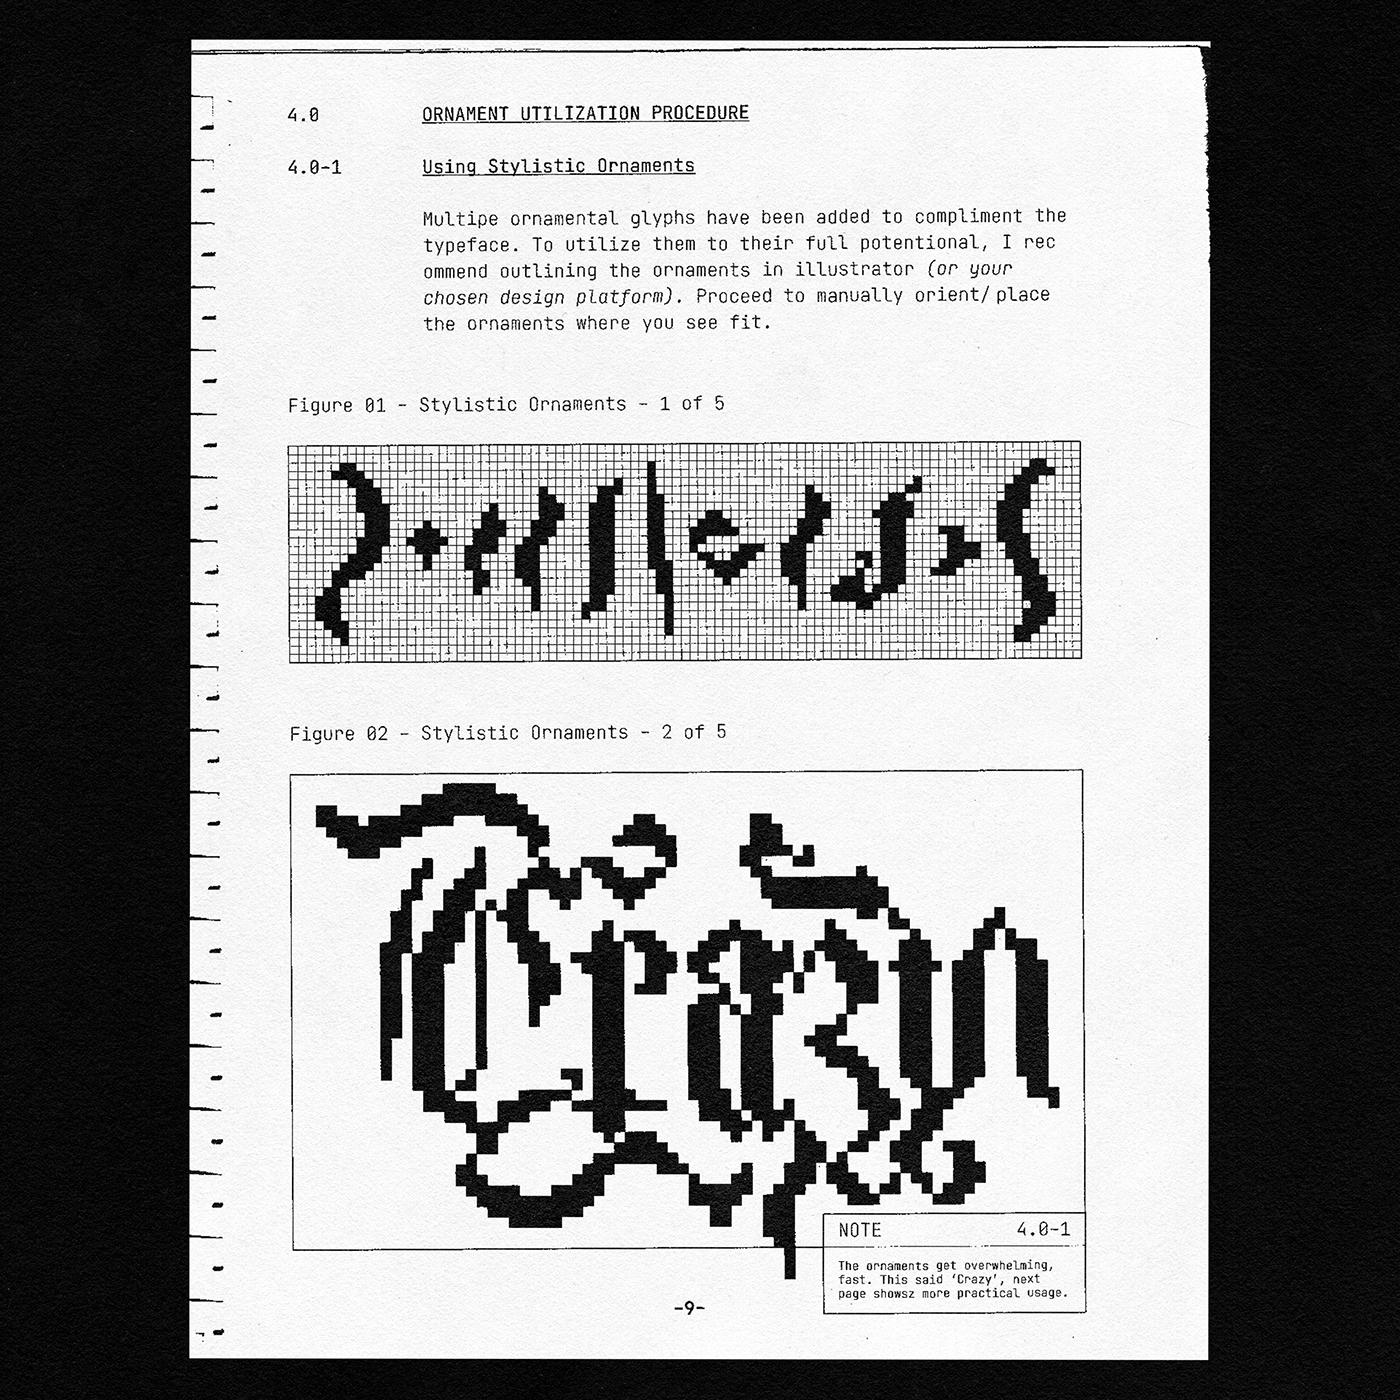 [淘宝购买] 潮流复古像素CRT显示海报标题徽标Logo设计装饰字体素材 Heritage Display Pixel Blackletter插图11